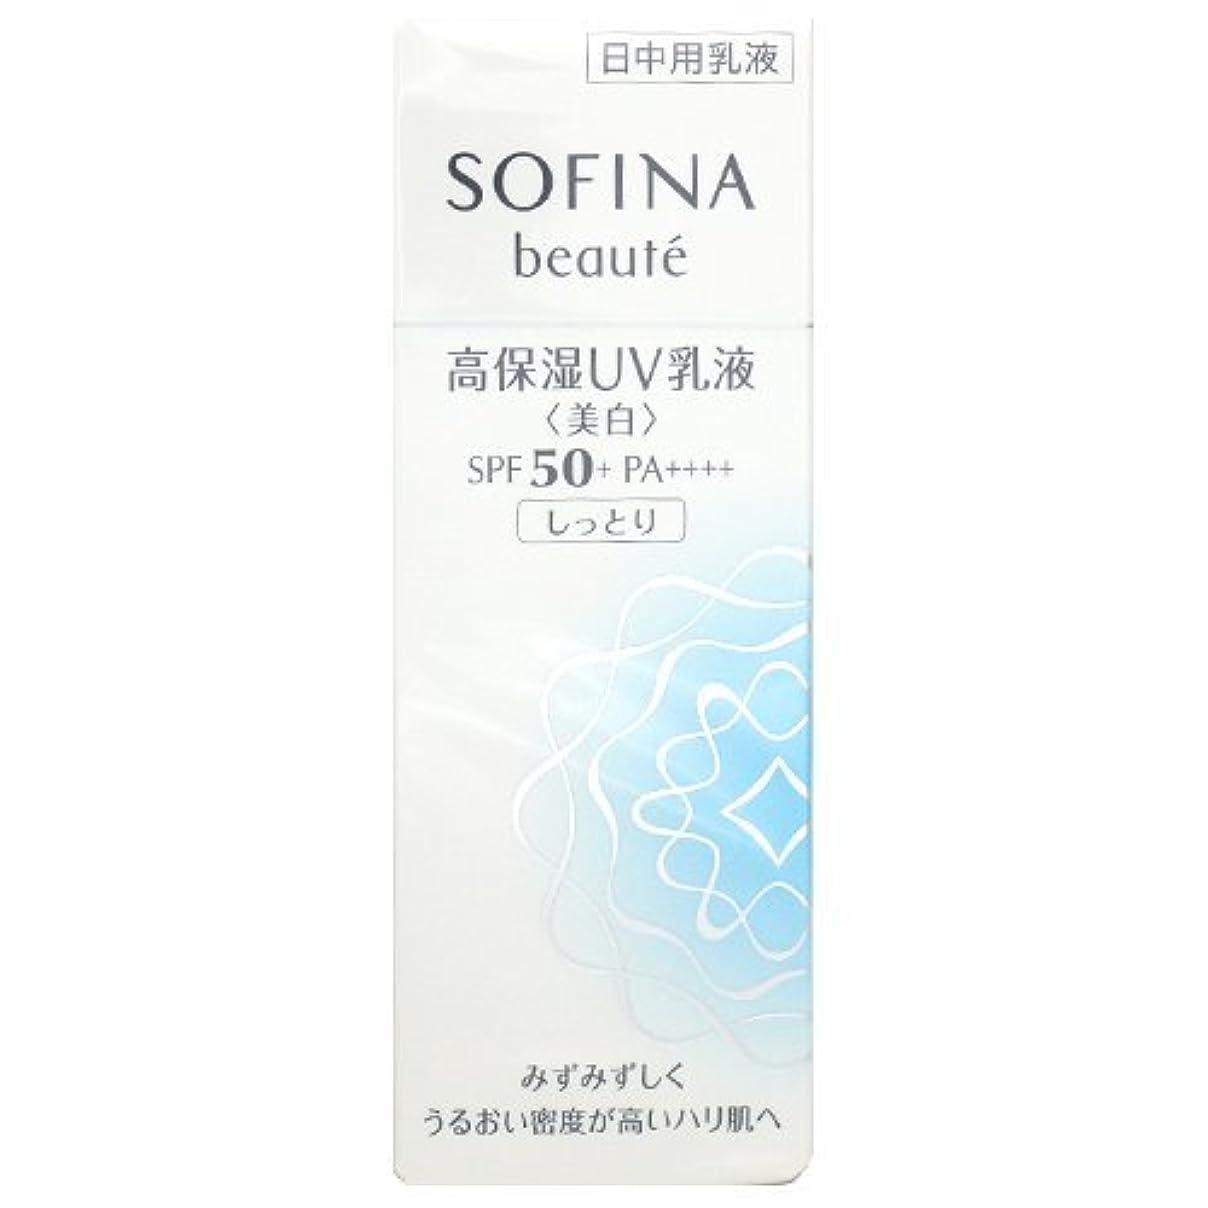 科学者パラナ川め言葉花王 ソフィーナ ボーテ SOFINA beaute 高保湿UV乳液 美白 SPF50+ PA++++ しっとり 30g [並行輸入品]